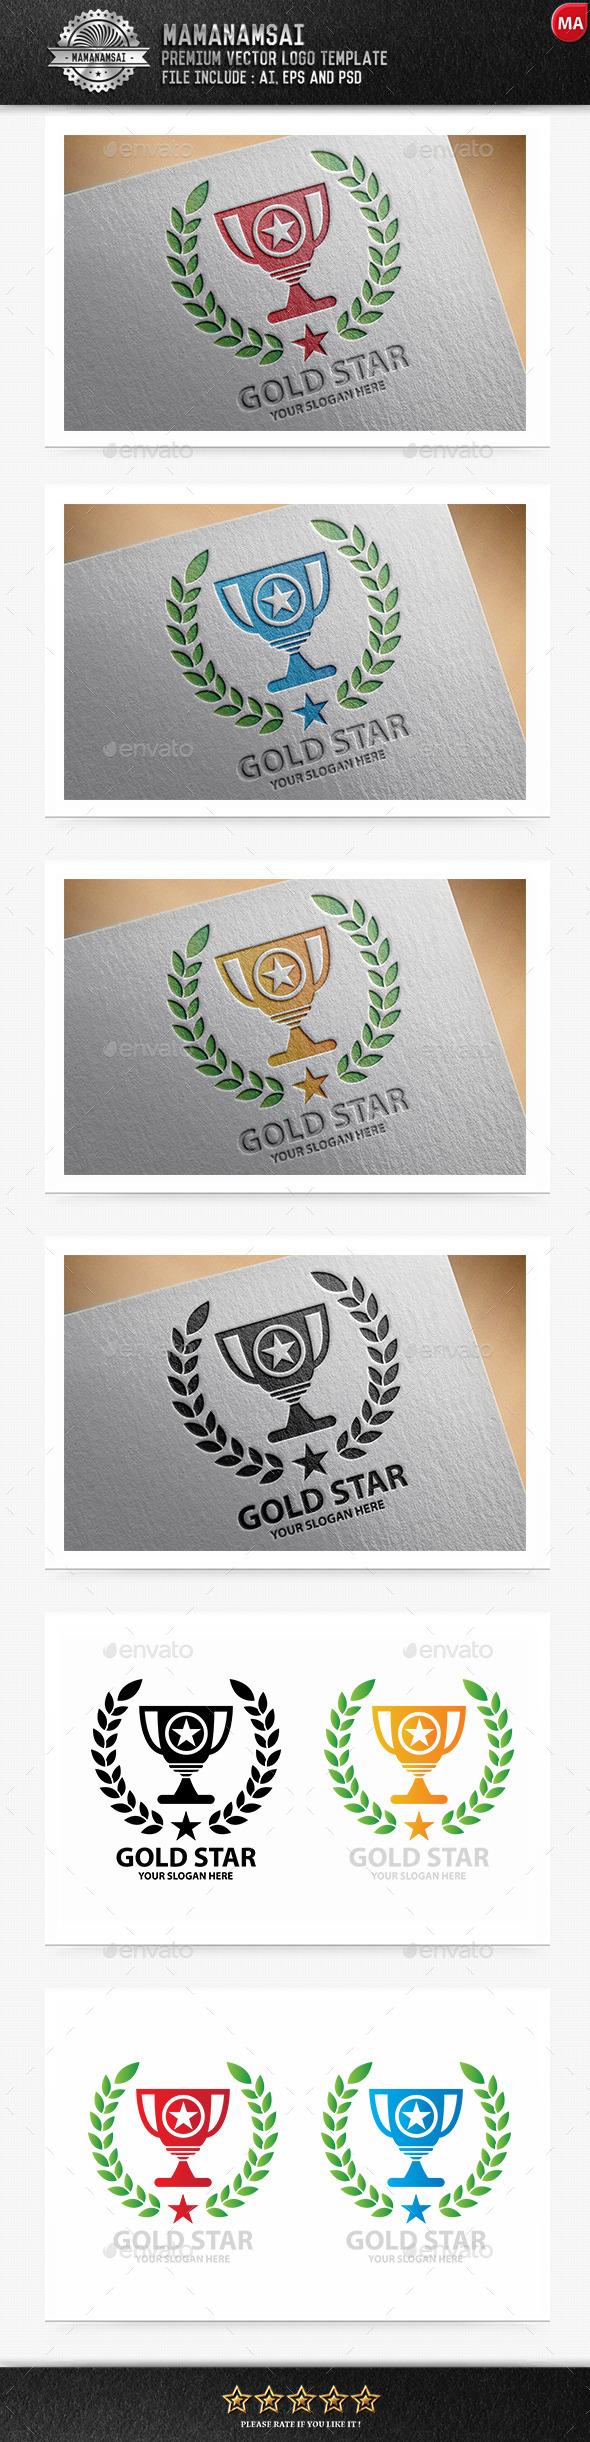 Gold Star Logo - Logo Templates